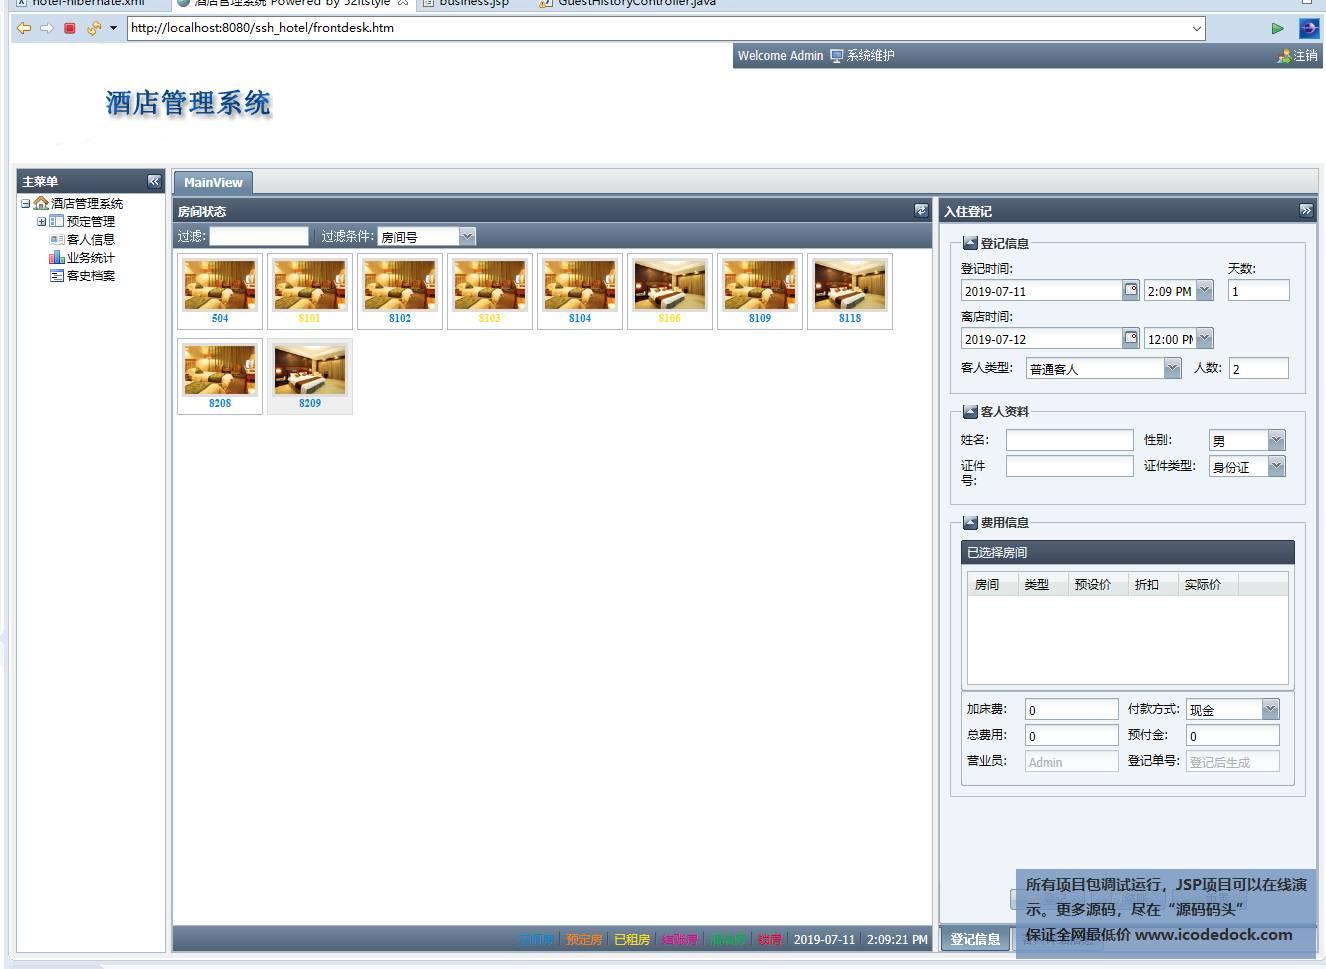 源码码头-SSH酒店管理系统-首页